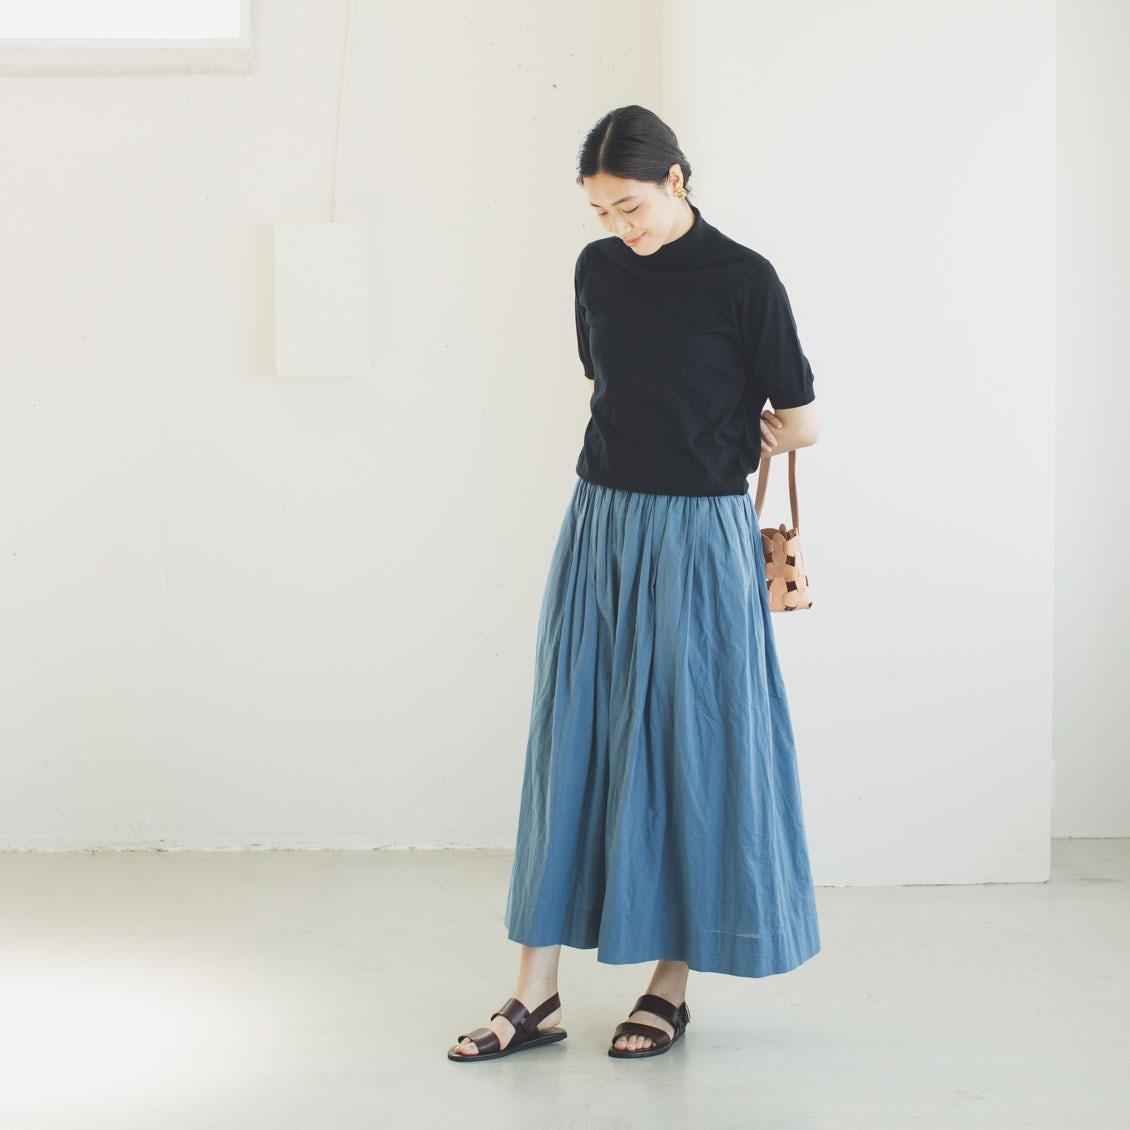 【再入荷&新色登場】昨年も大人気だった「パンツ派さんにもおすすめのギャザースカート」が再登場!今年は新色のやわらかブルーも